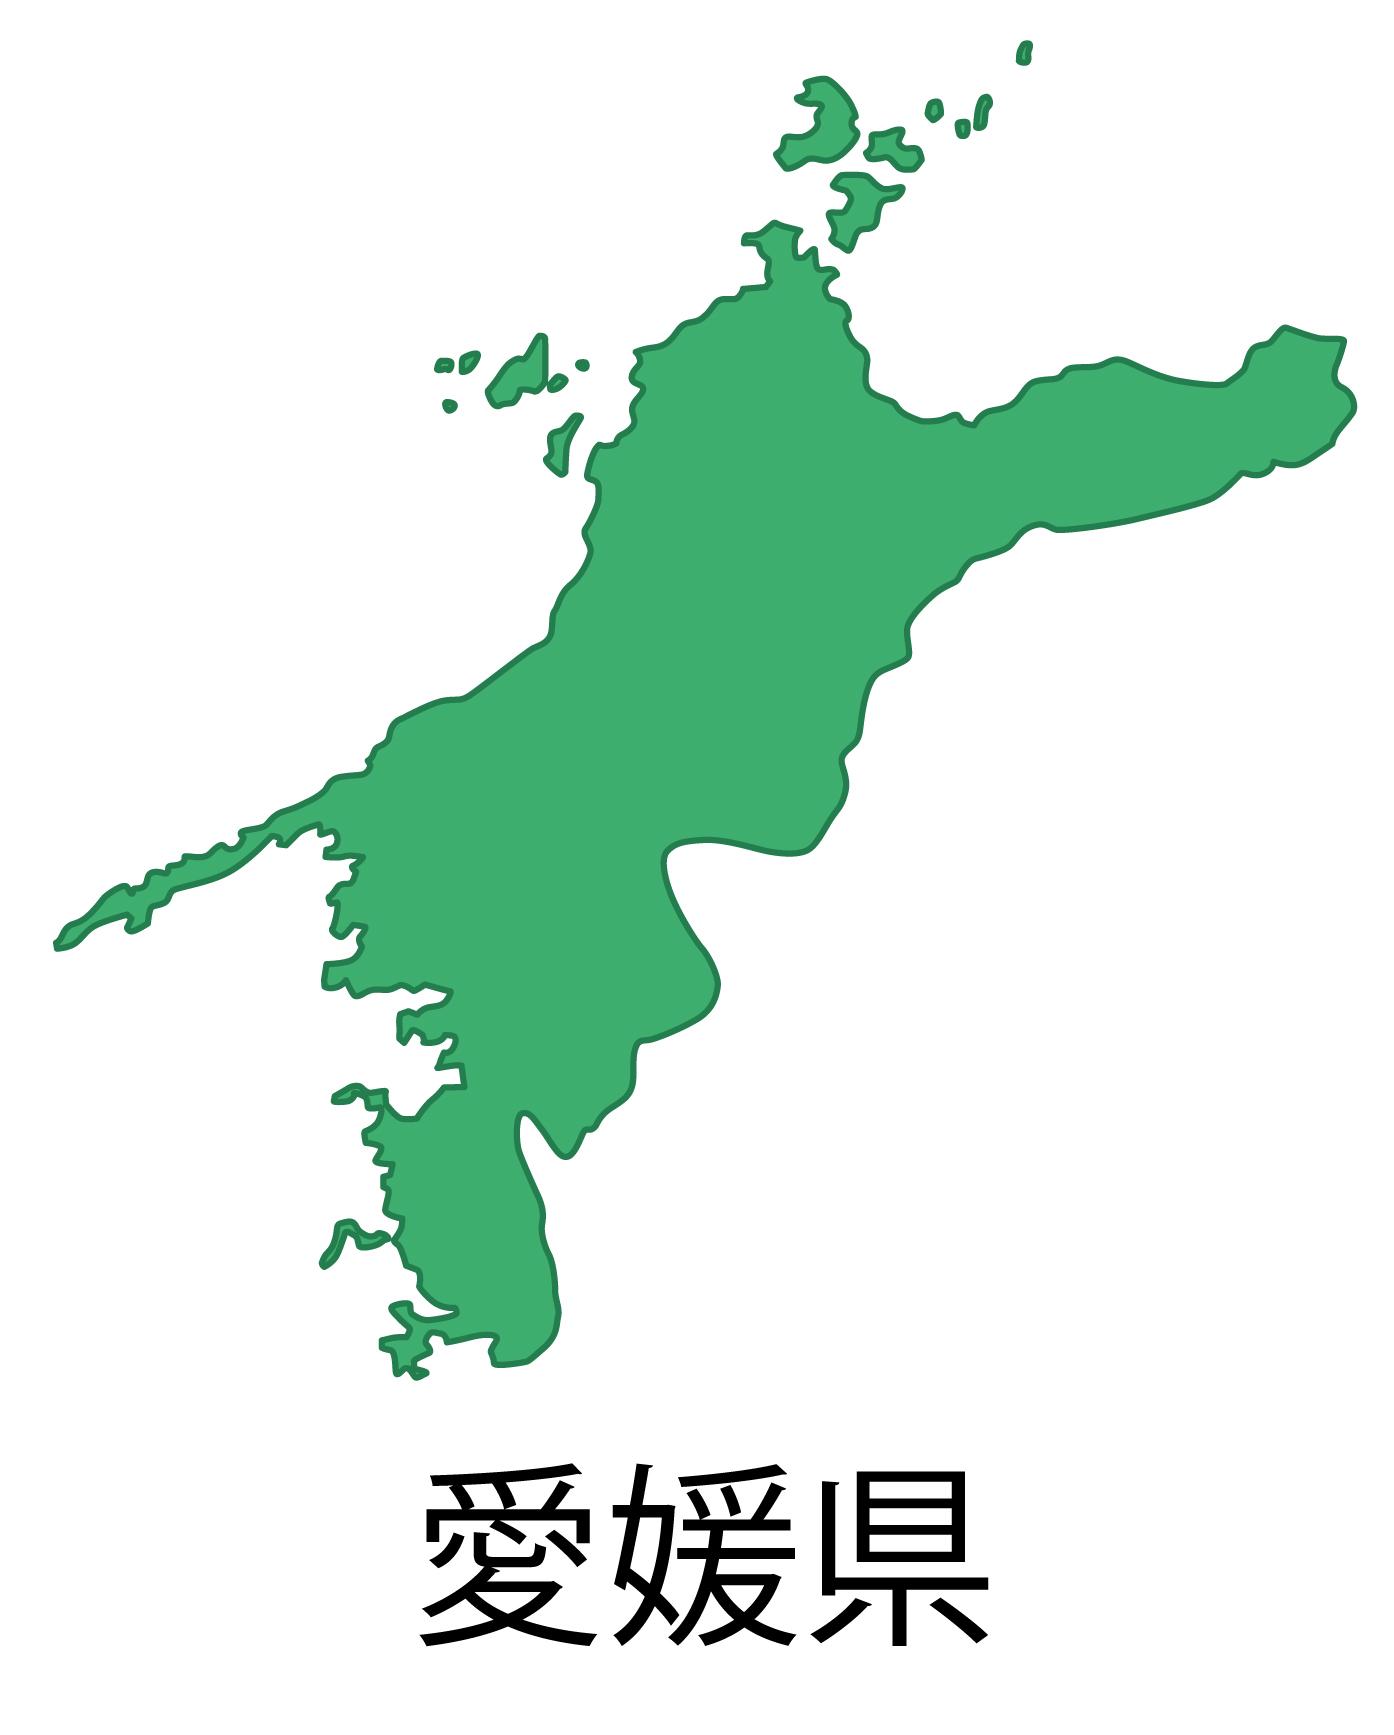 愛媛県無料フリーイラスト|日本語・都道府県名あり(緑)